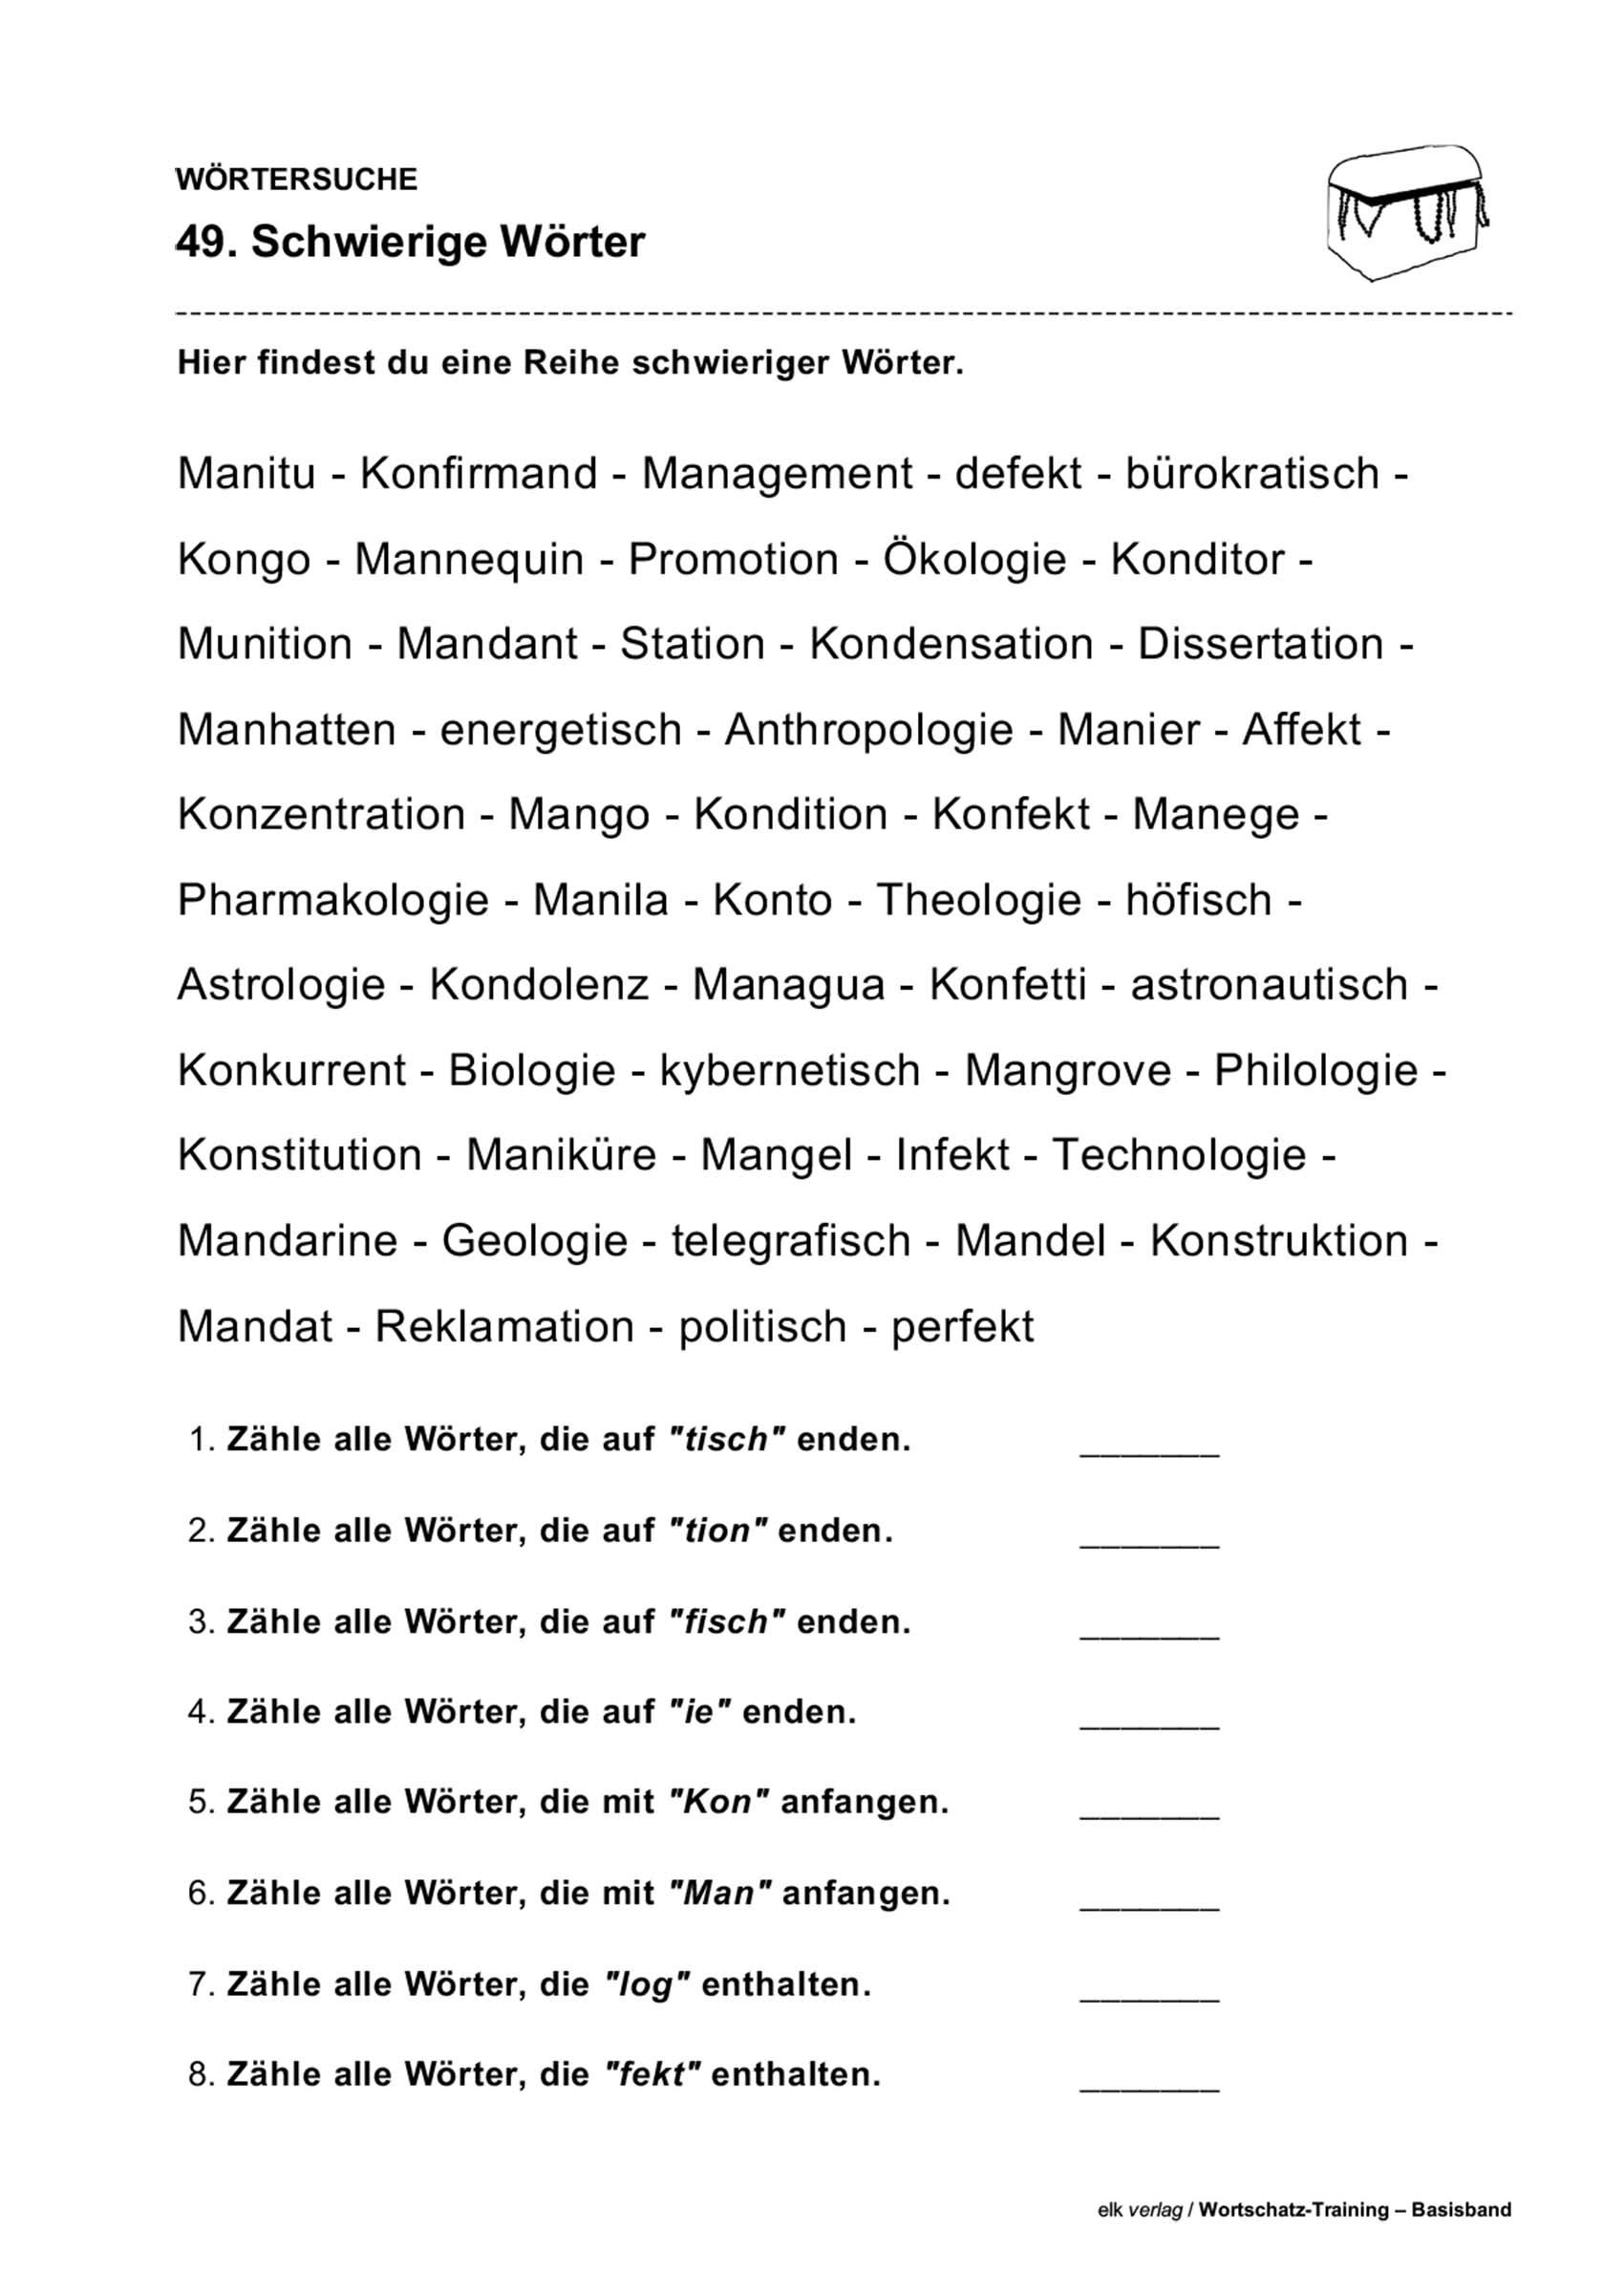 Grundschule Unterrichtsmaterial Deutsch Wortschatz innen Wörter Die Mit I Anfangen